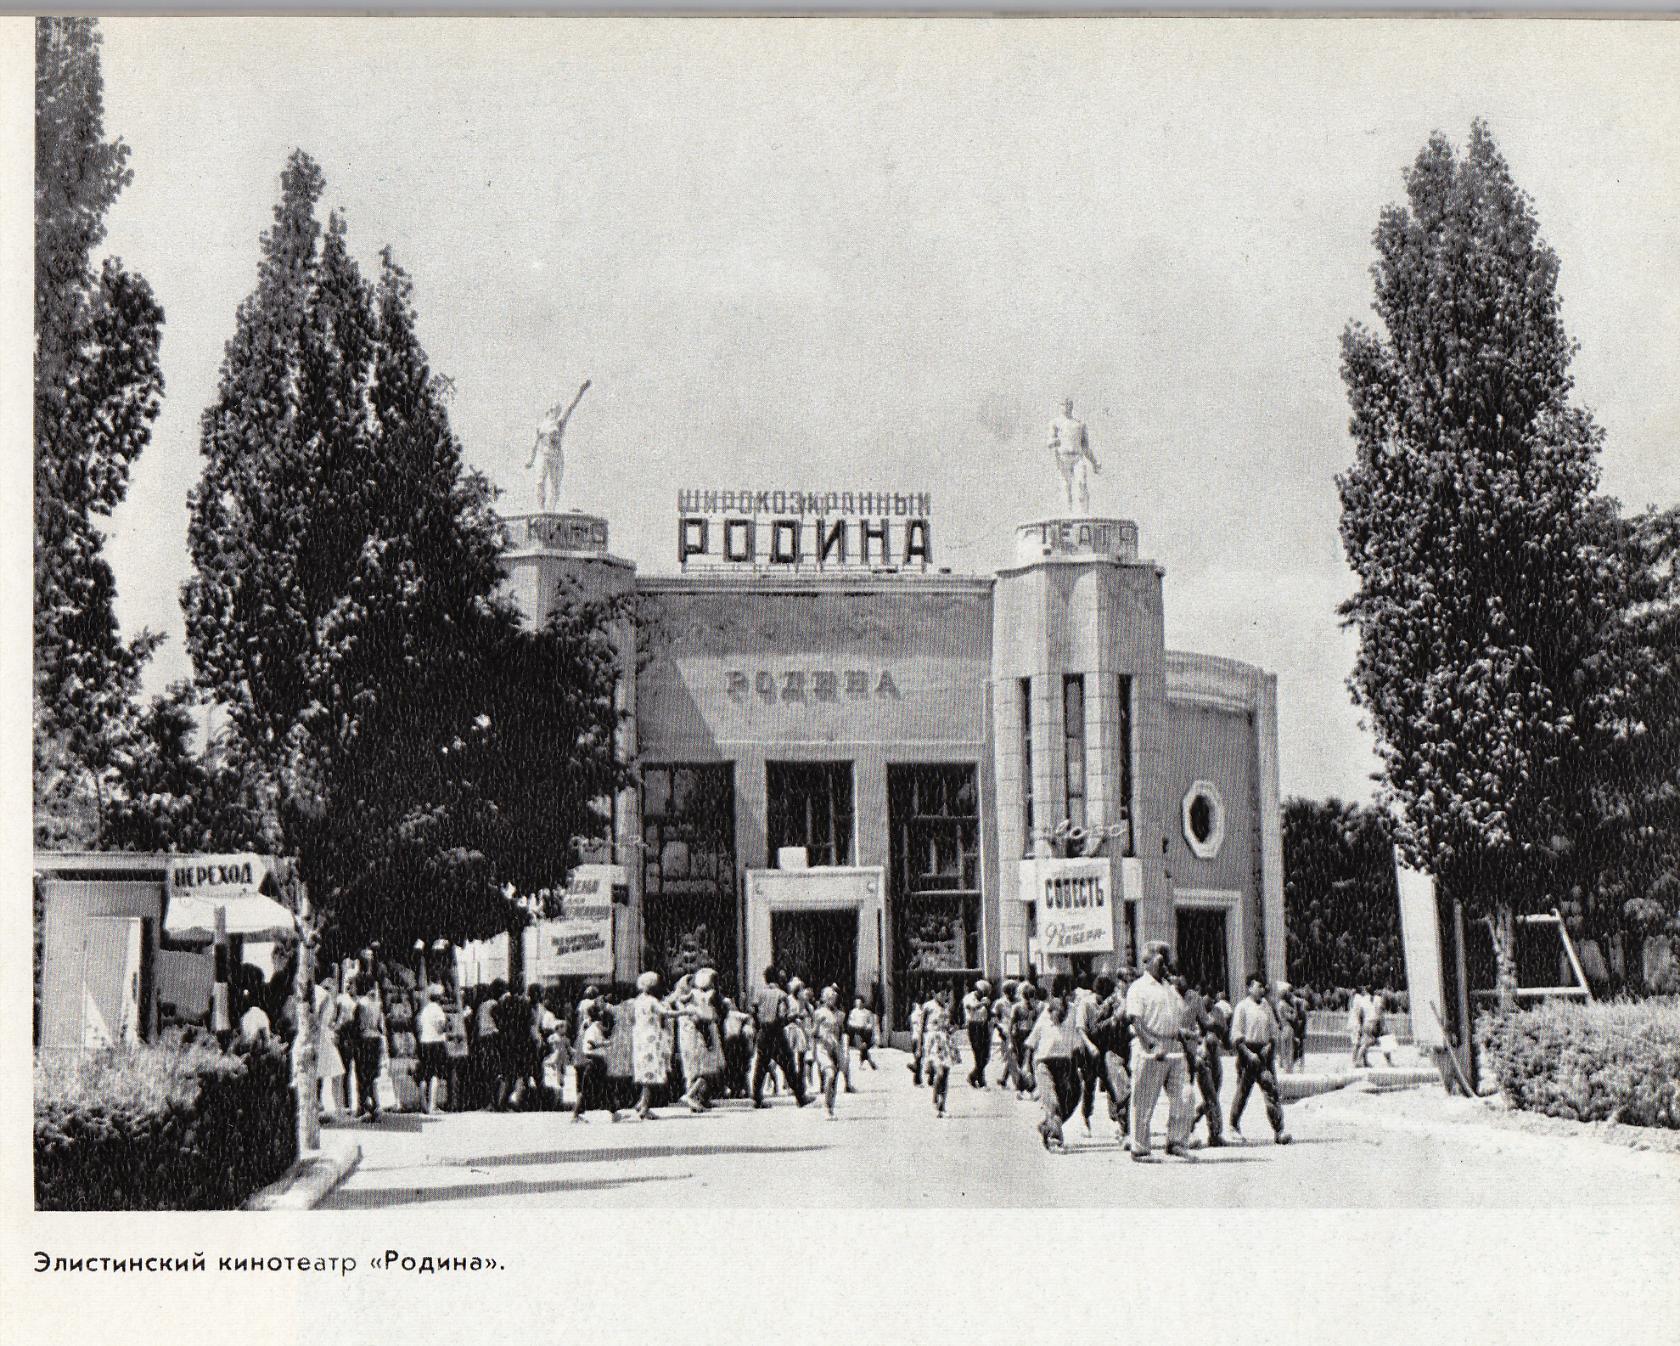 Кинотеатр «Родина». 1965 год